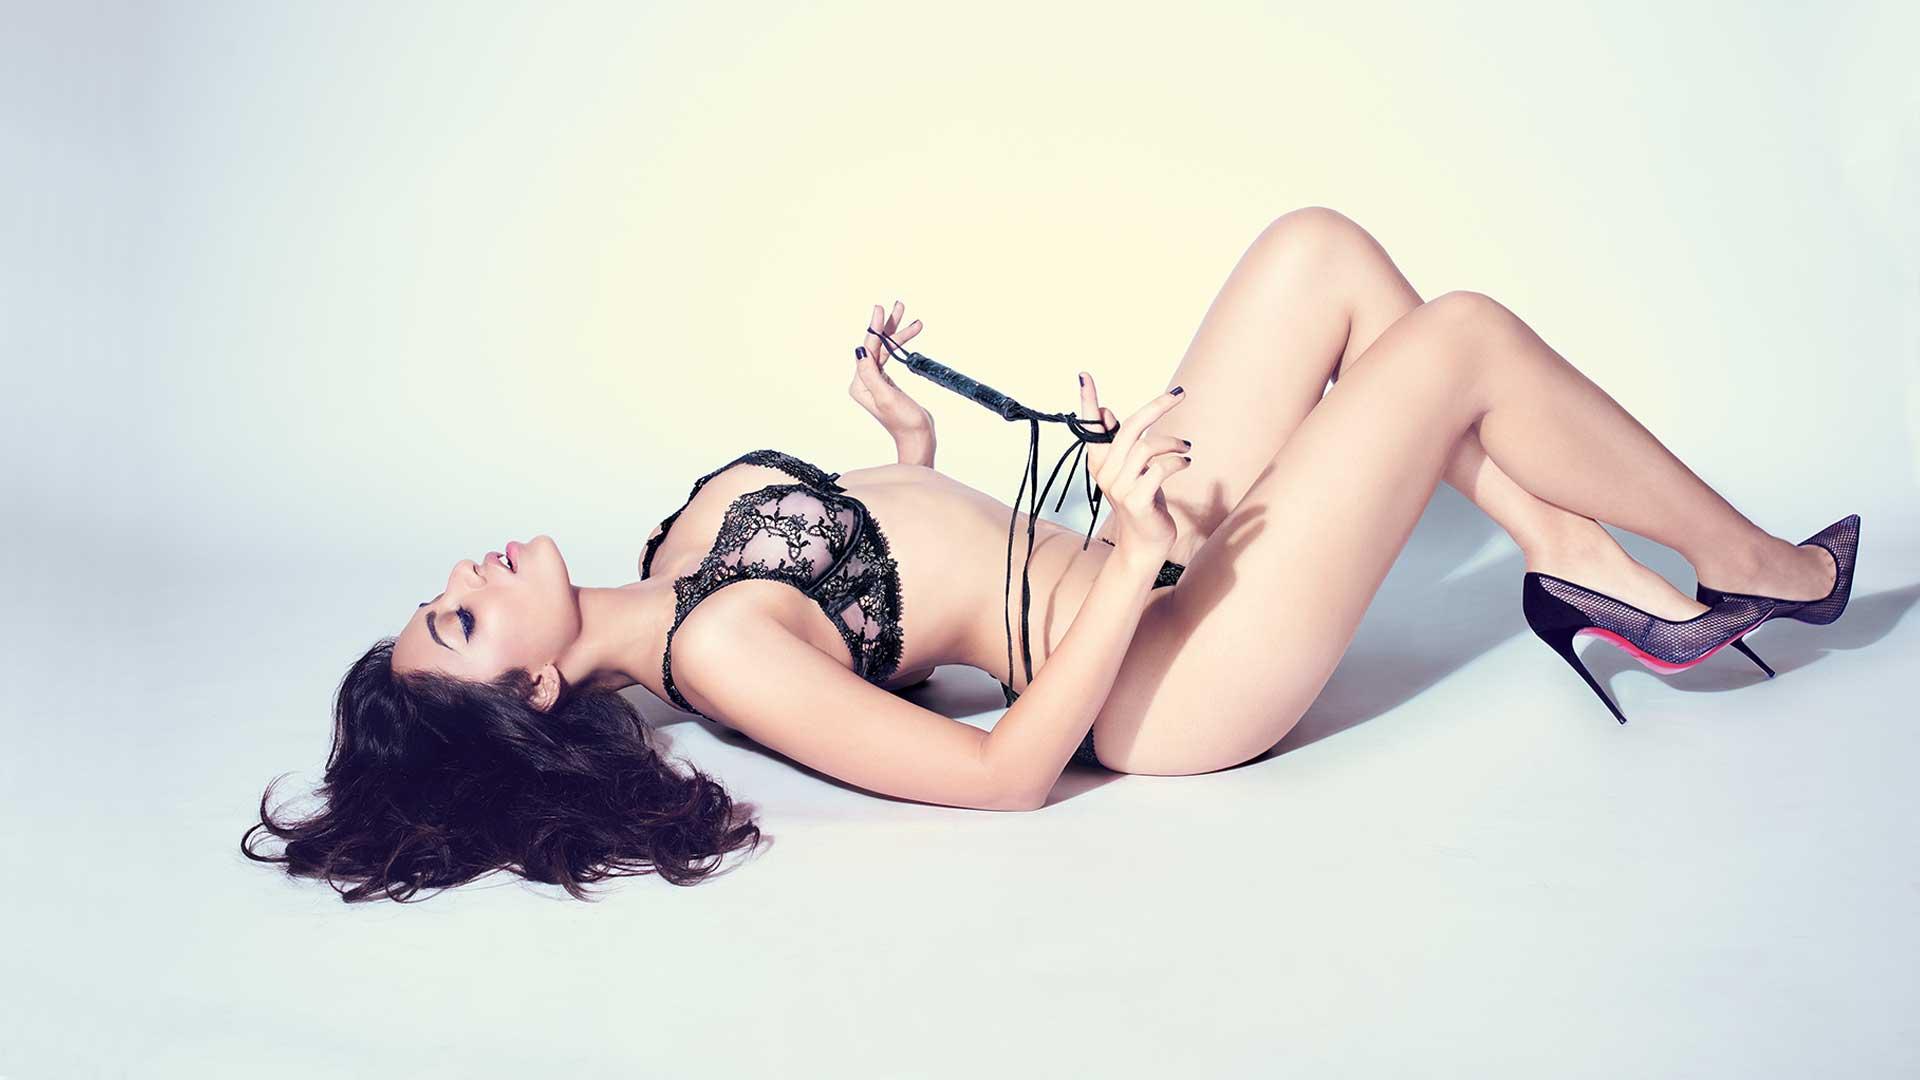 Sobhita Dhulipala hot sizzling image